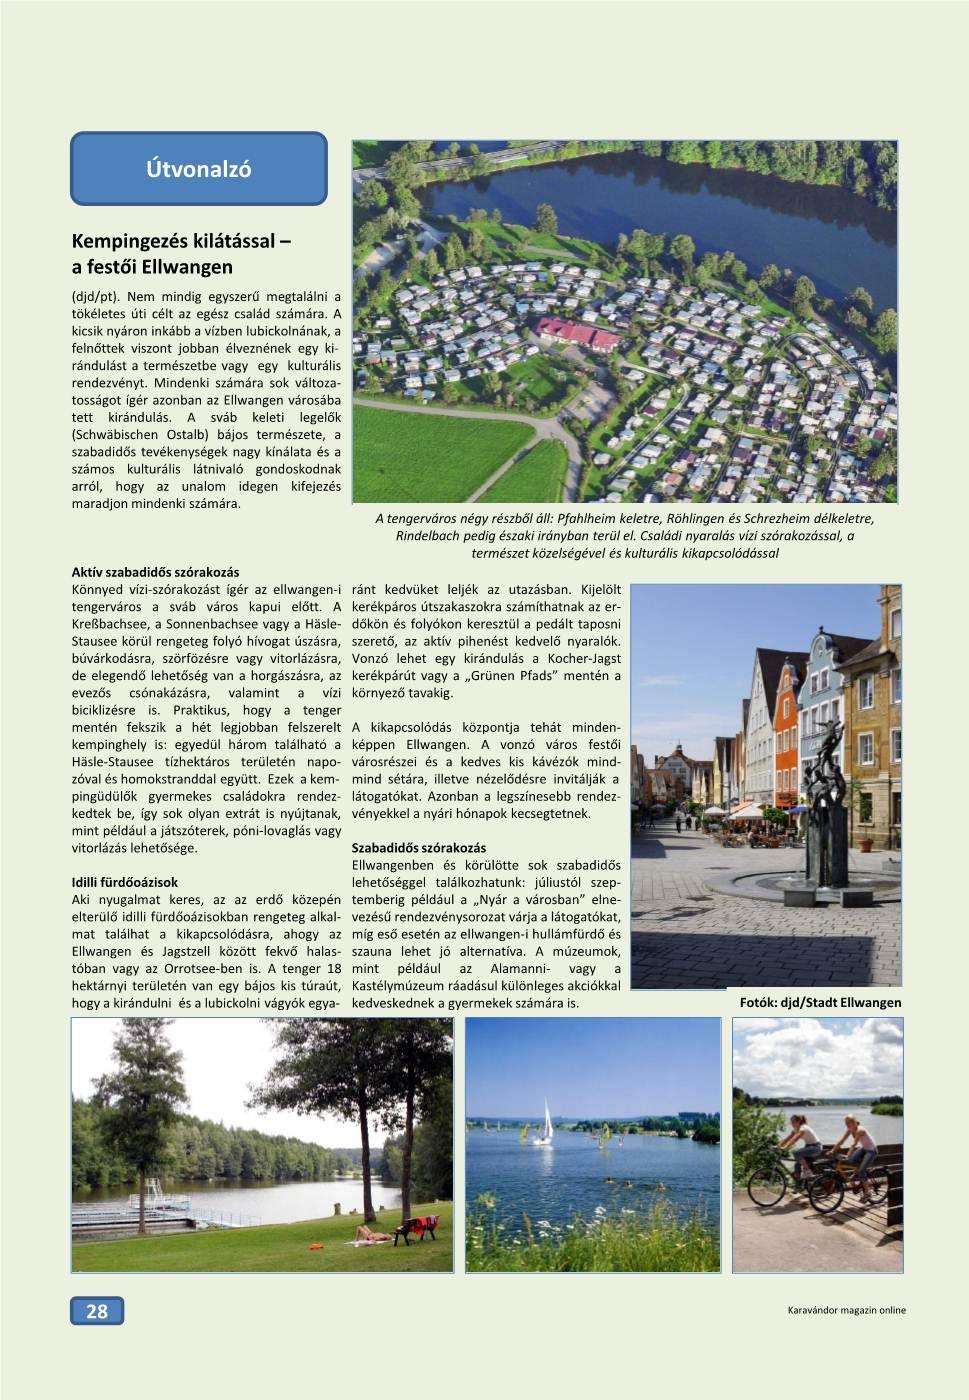 Útvonalzó - Kempingezés kilátással: a festői Ellwangen